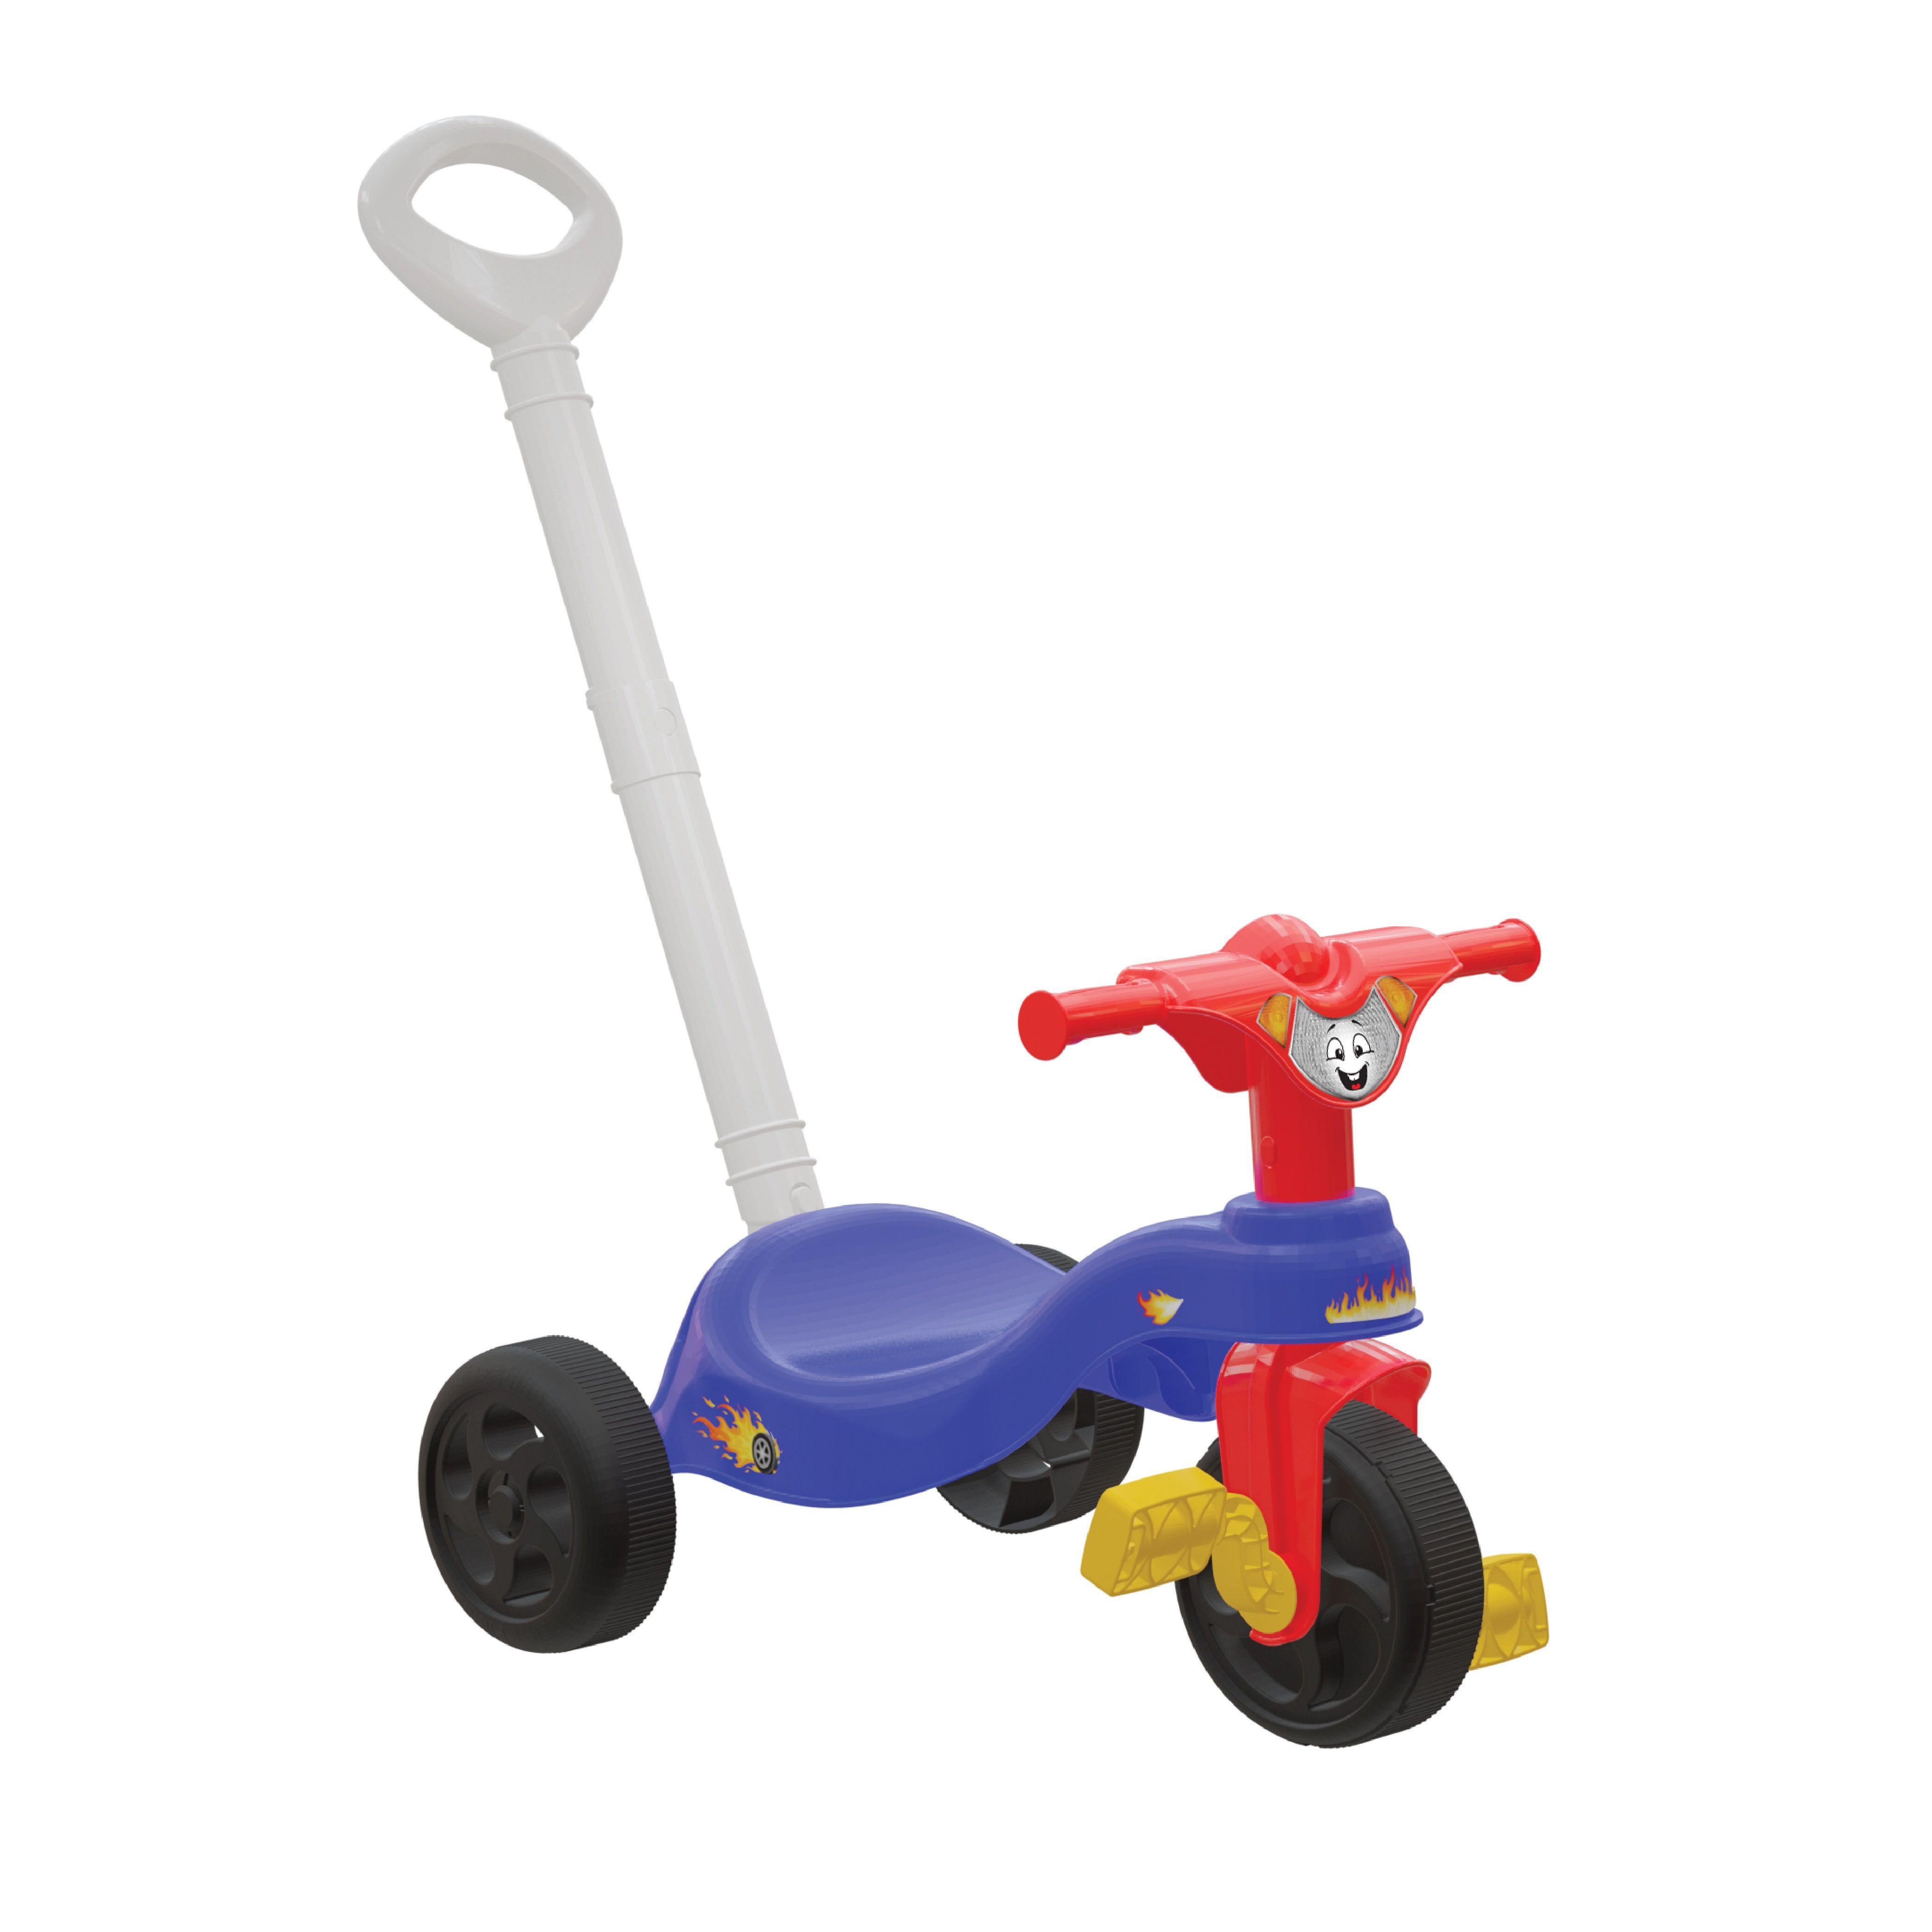 Triciclo Fast com Empurrador-790350